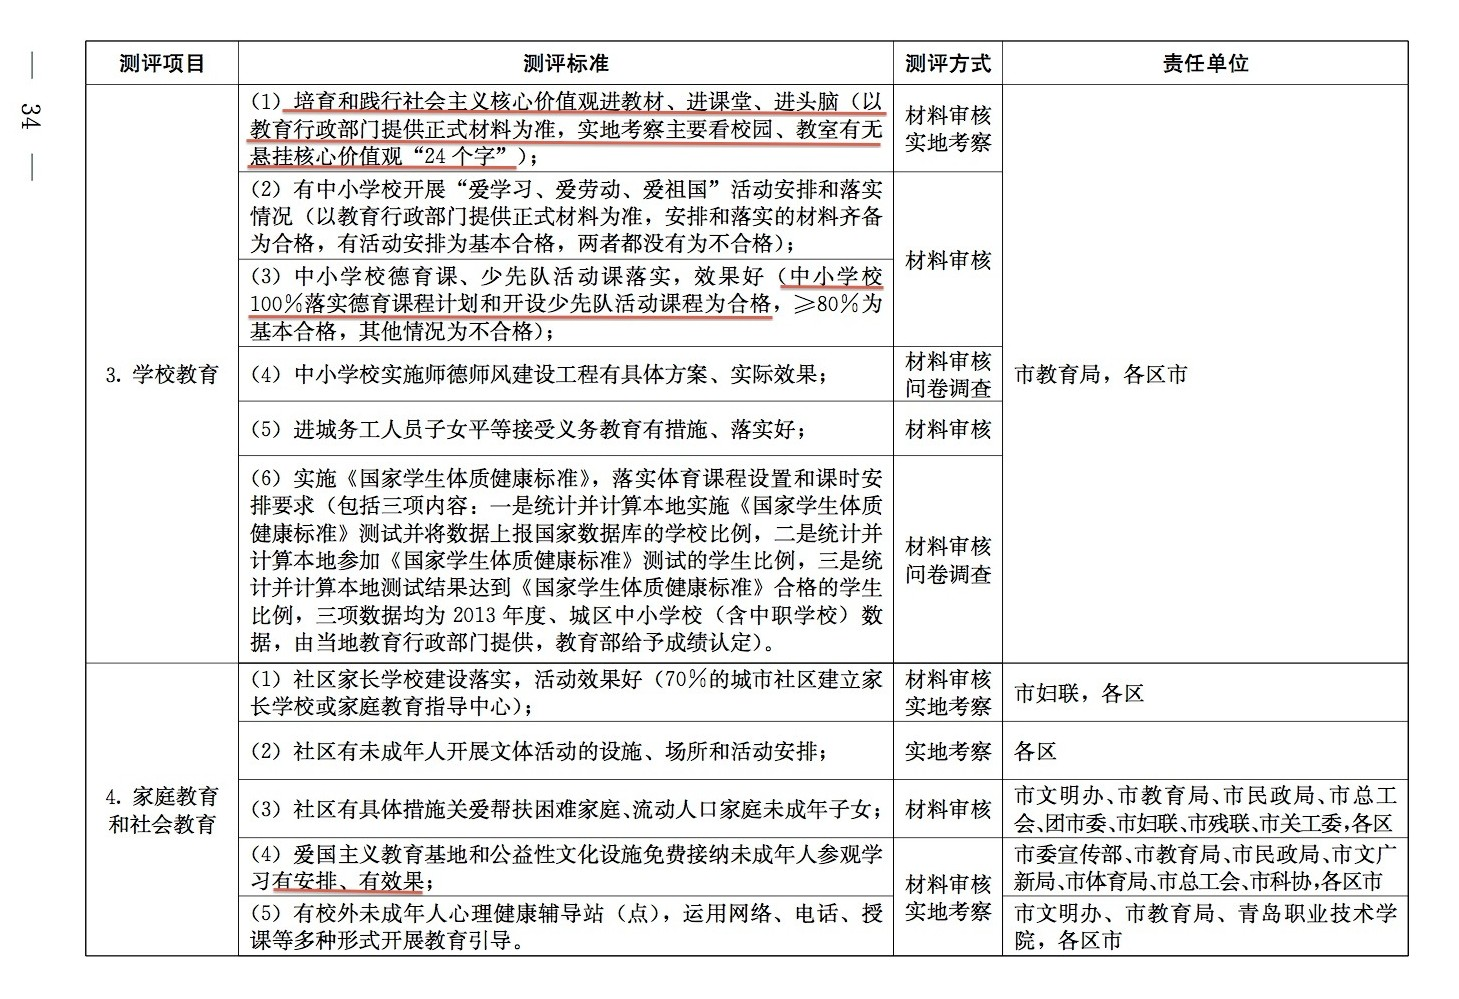 青岛市未成年人思想道德建设工作测评分工2